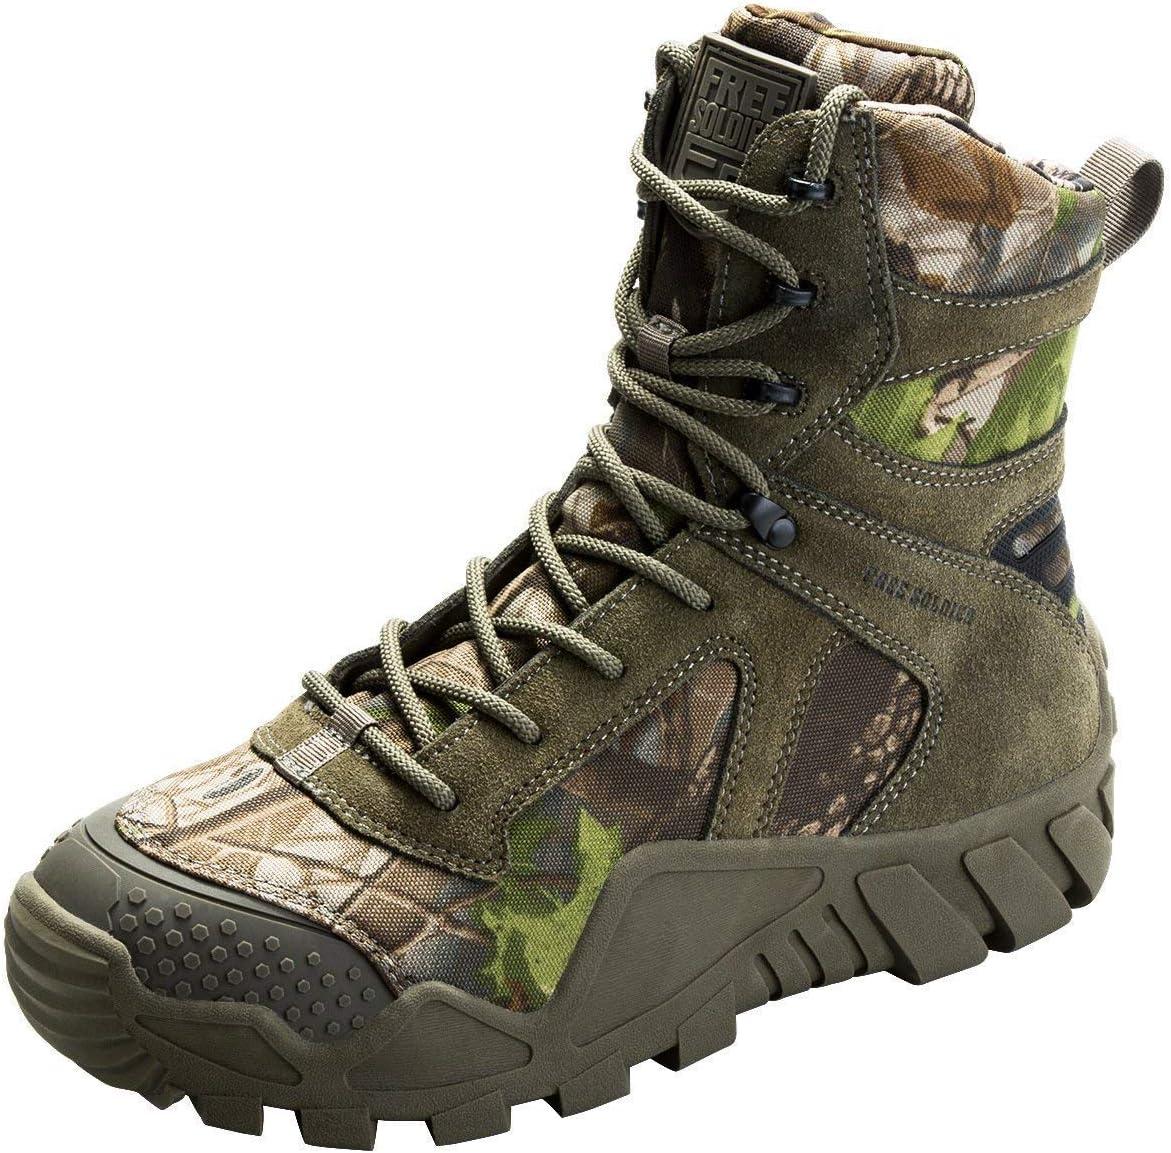 La Jungle Le Travail FREE SOLDIER Bottes de Chasse pour Hommes Bottes Militaires de Haut-Niveau Bottes Tactiques de Combat Chaussures /à Lacets Tout Terrain Souliers pour La Randonn/ée